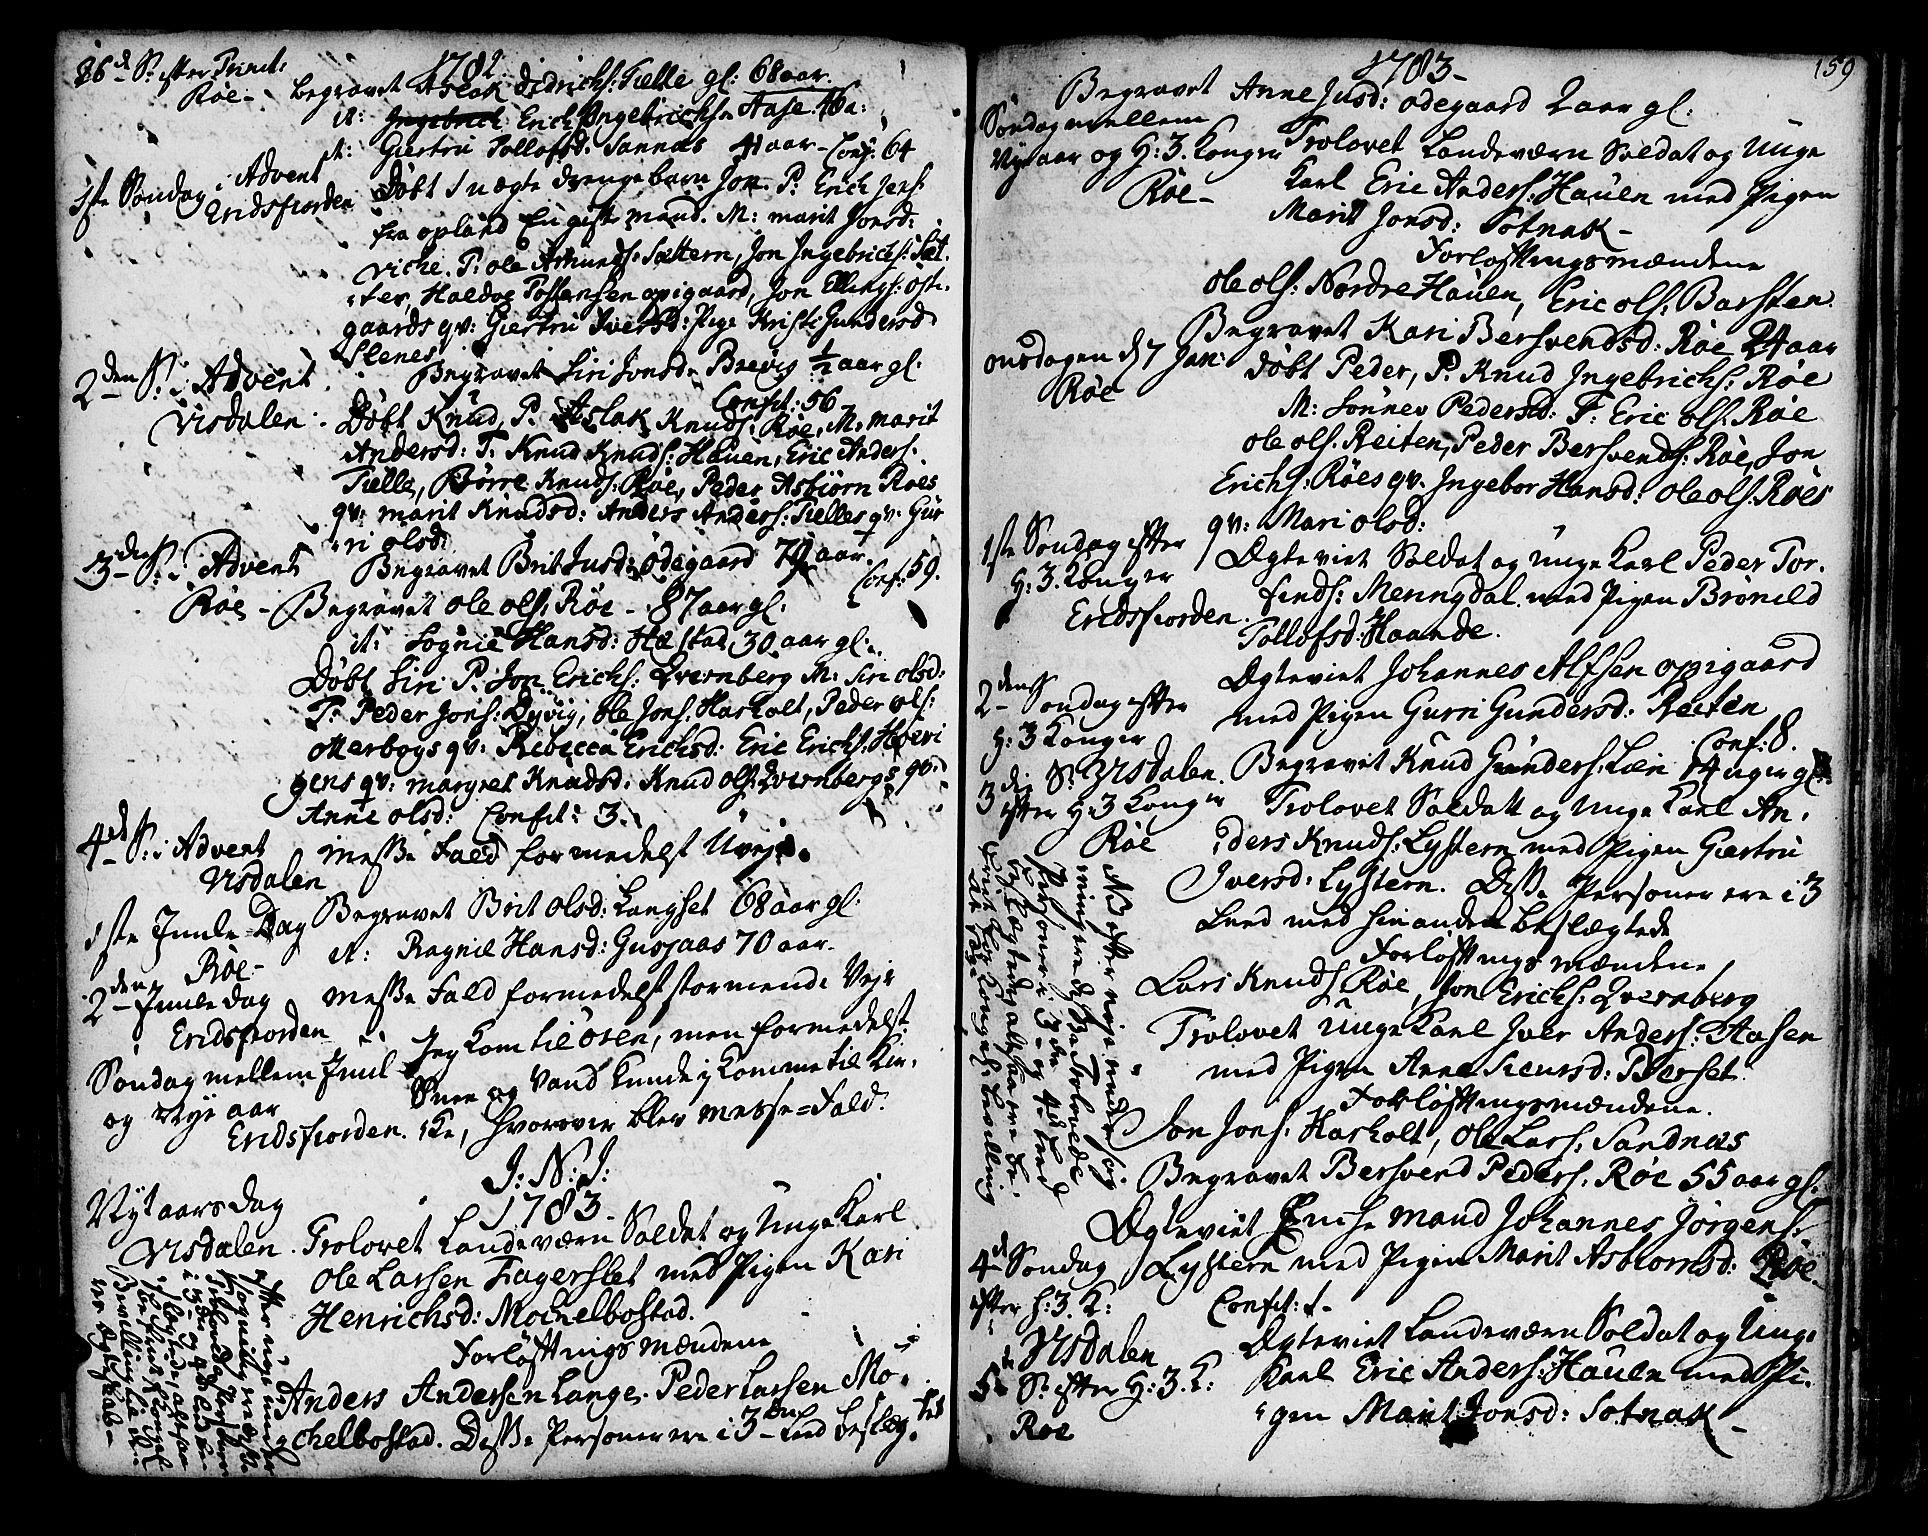 SAT, Ministerialprotokoller, klokkerbøker og fødselsregistre - Møre og Romsdal, 551/L0621: Ministerialbok nr. 551A01, 1757-1803, s. 159